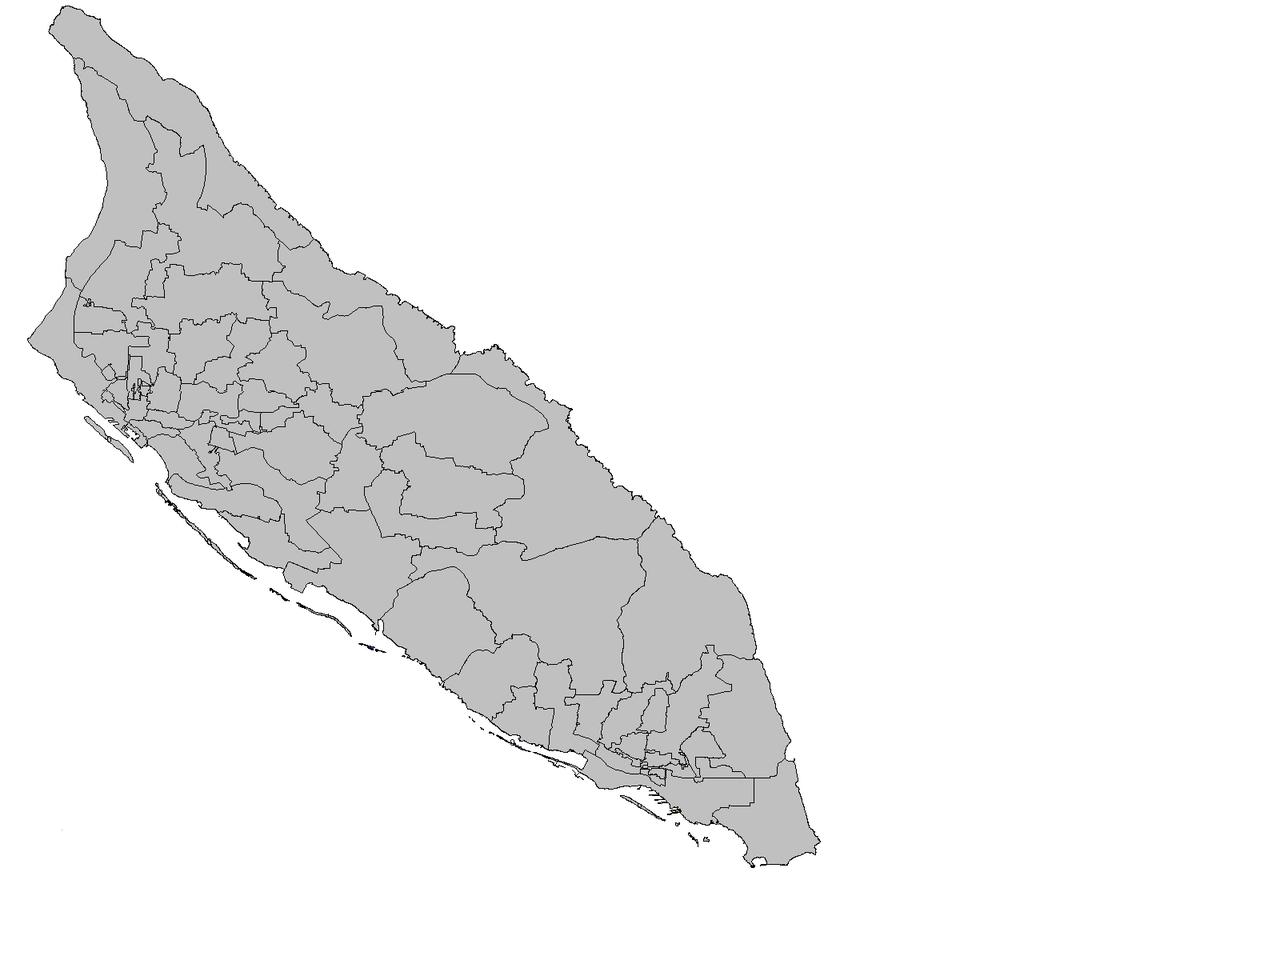 File:Aruba - GAAC Zones.PNG - Aruba PNG